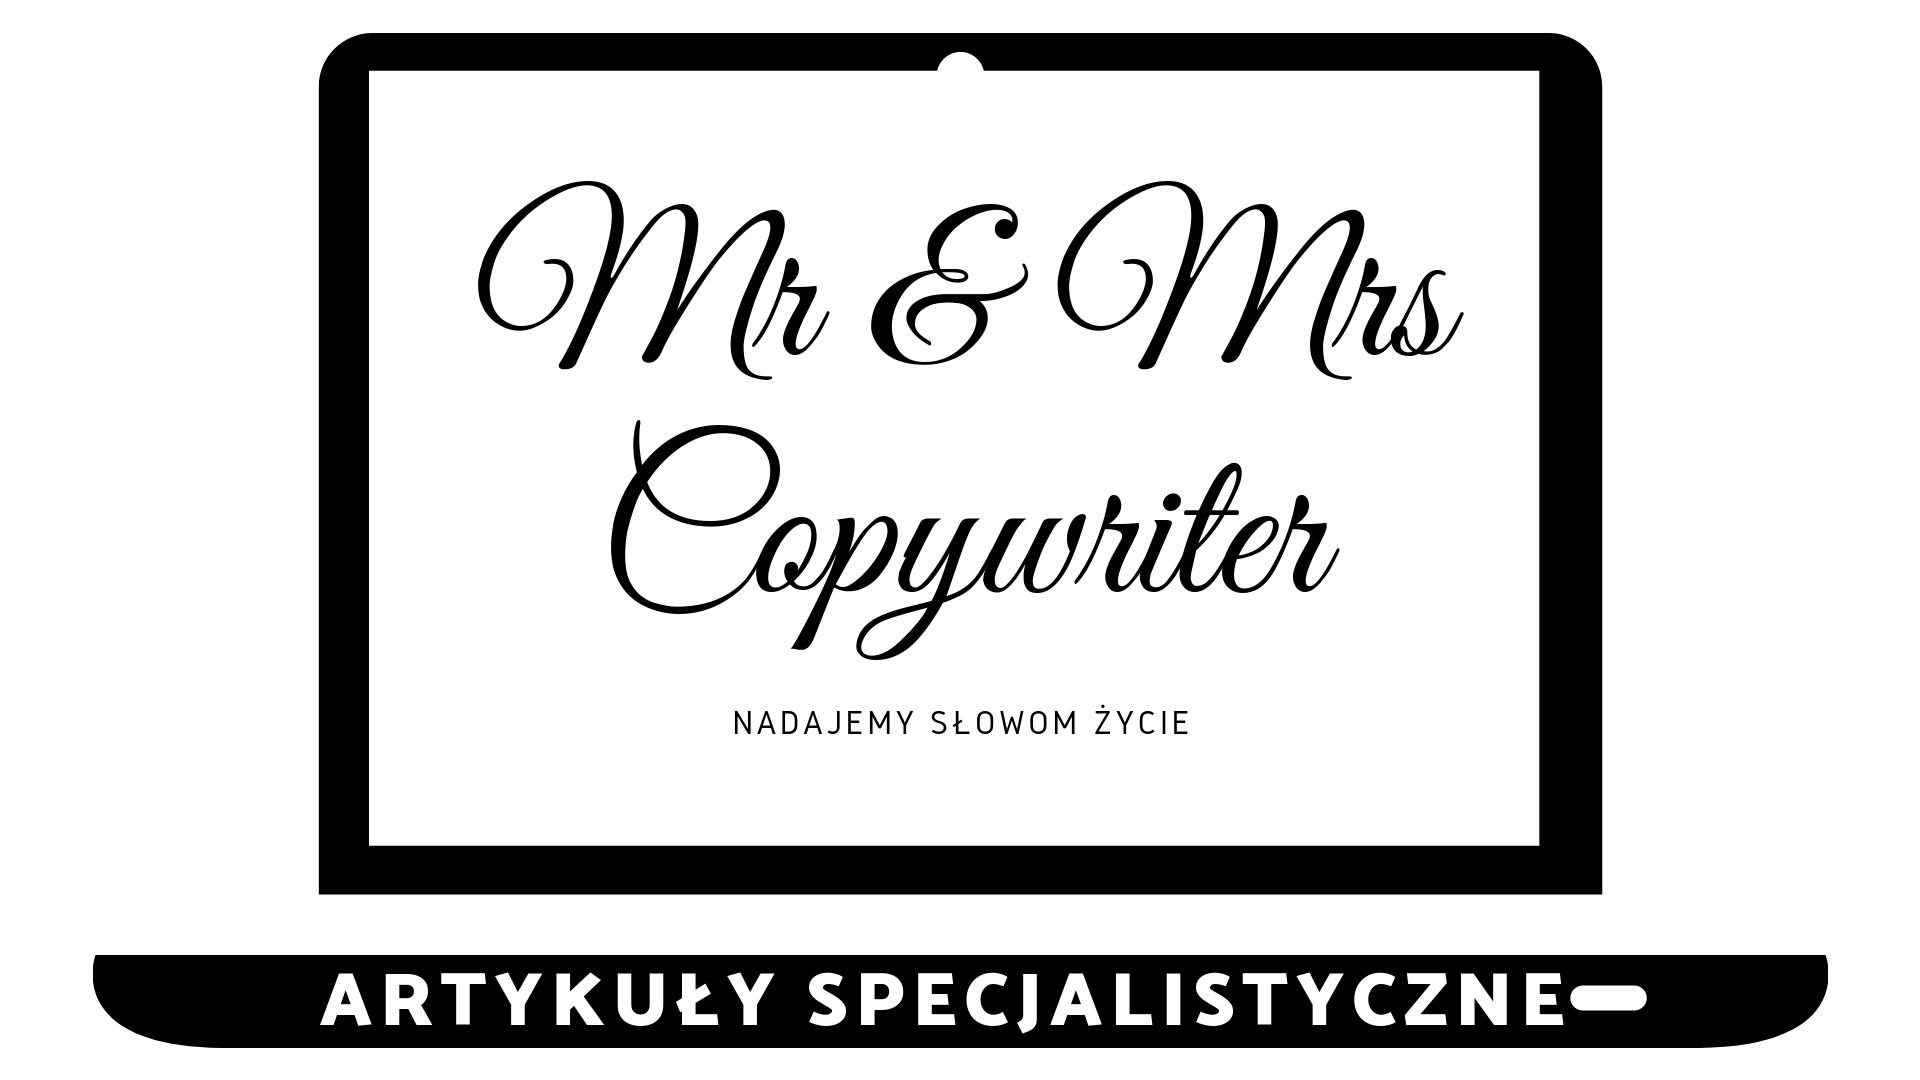 Artykuły specjalistyczne, teksty specjalistyczne, teksty branżowe - Copywriter